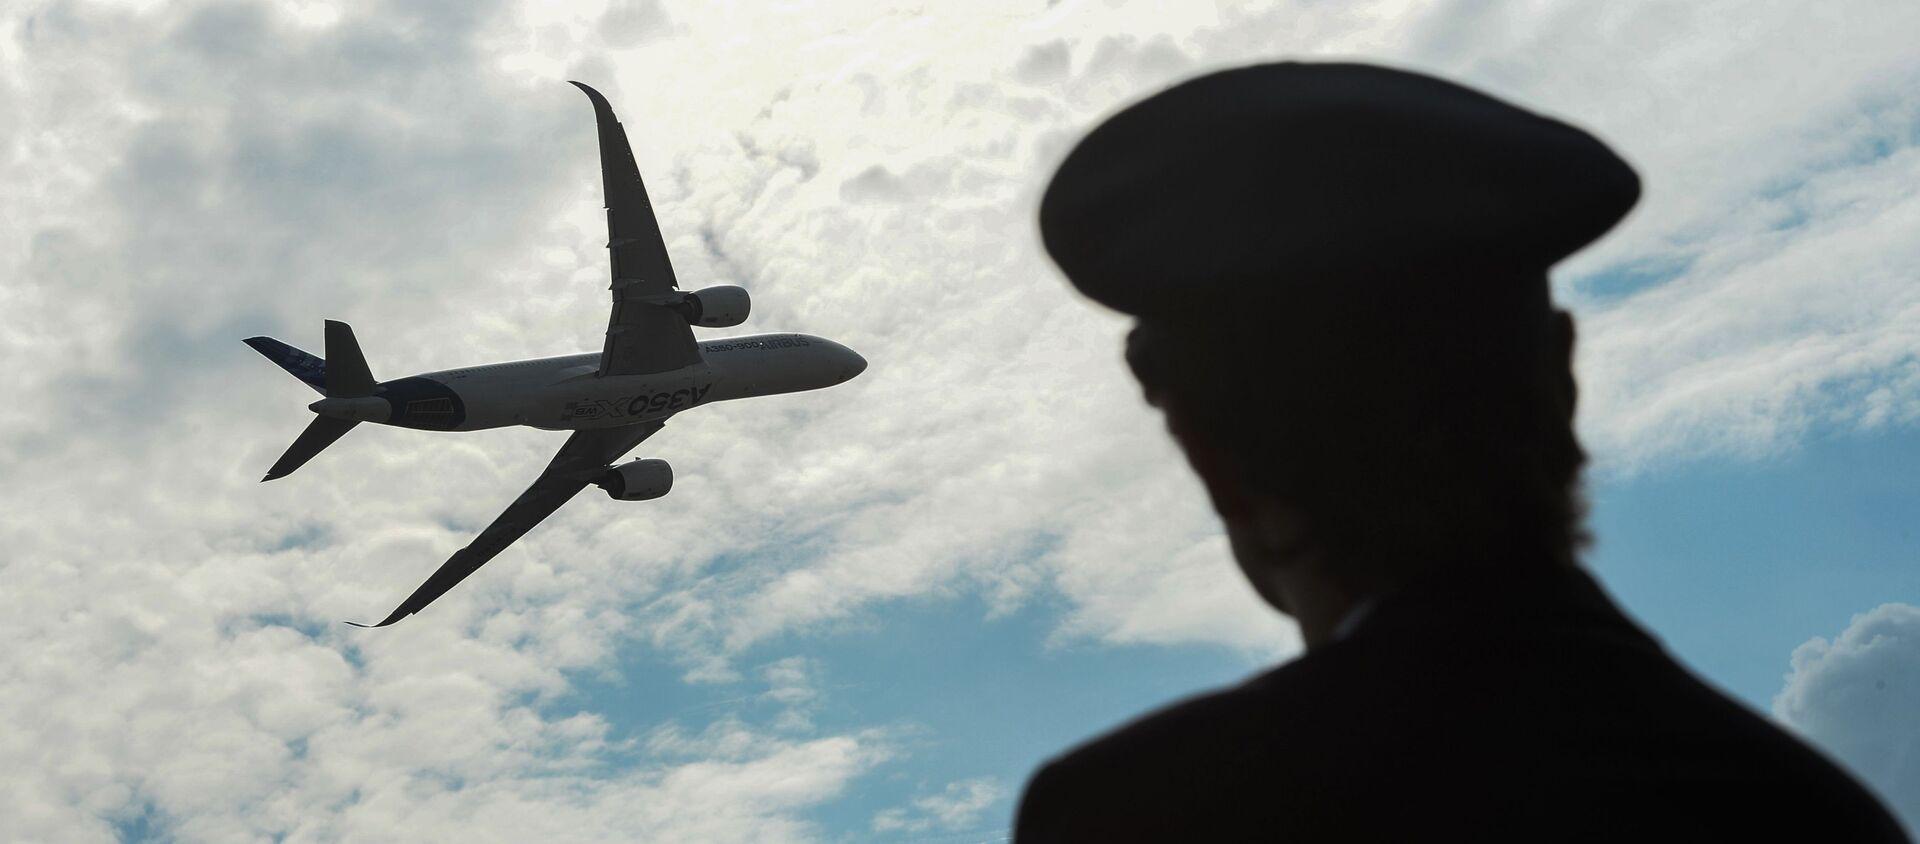 Samolot Airbus A350 podczas lotu pokazowego na Międzynarodowym Salonie Lotniczym i Kosmicznym MAKS 2015 w podmoskiewskim Żukowskim - Sputnik Polska, 1920, 22.07.2020